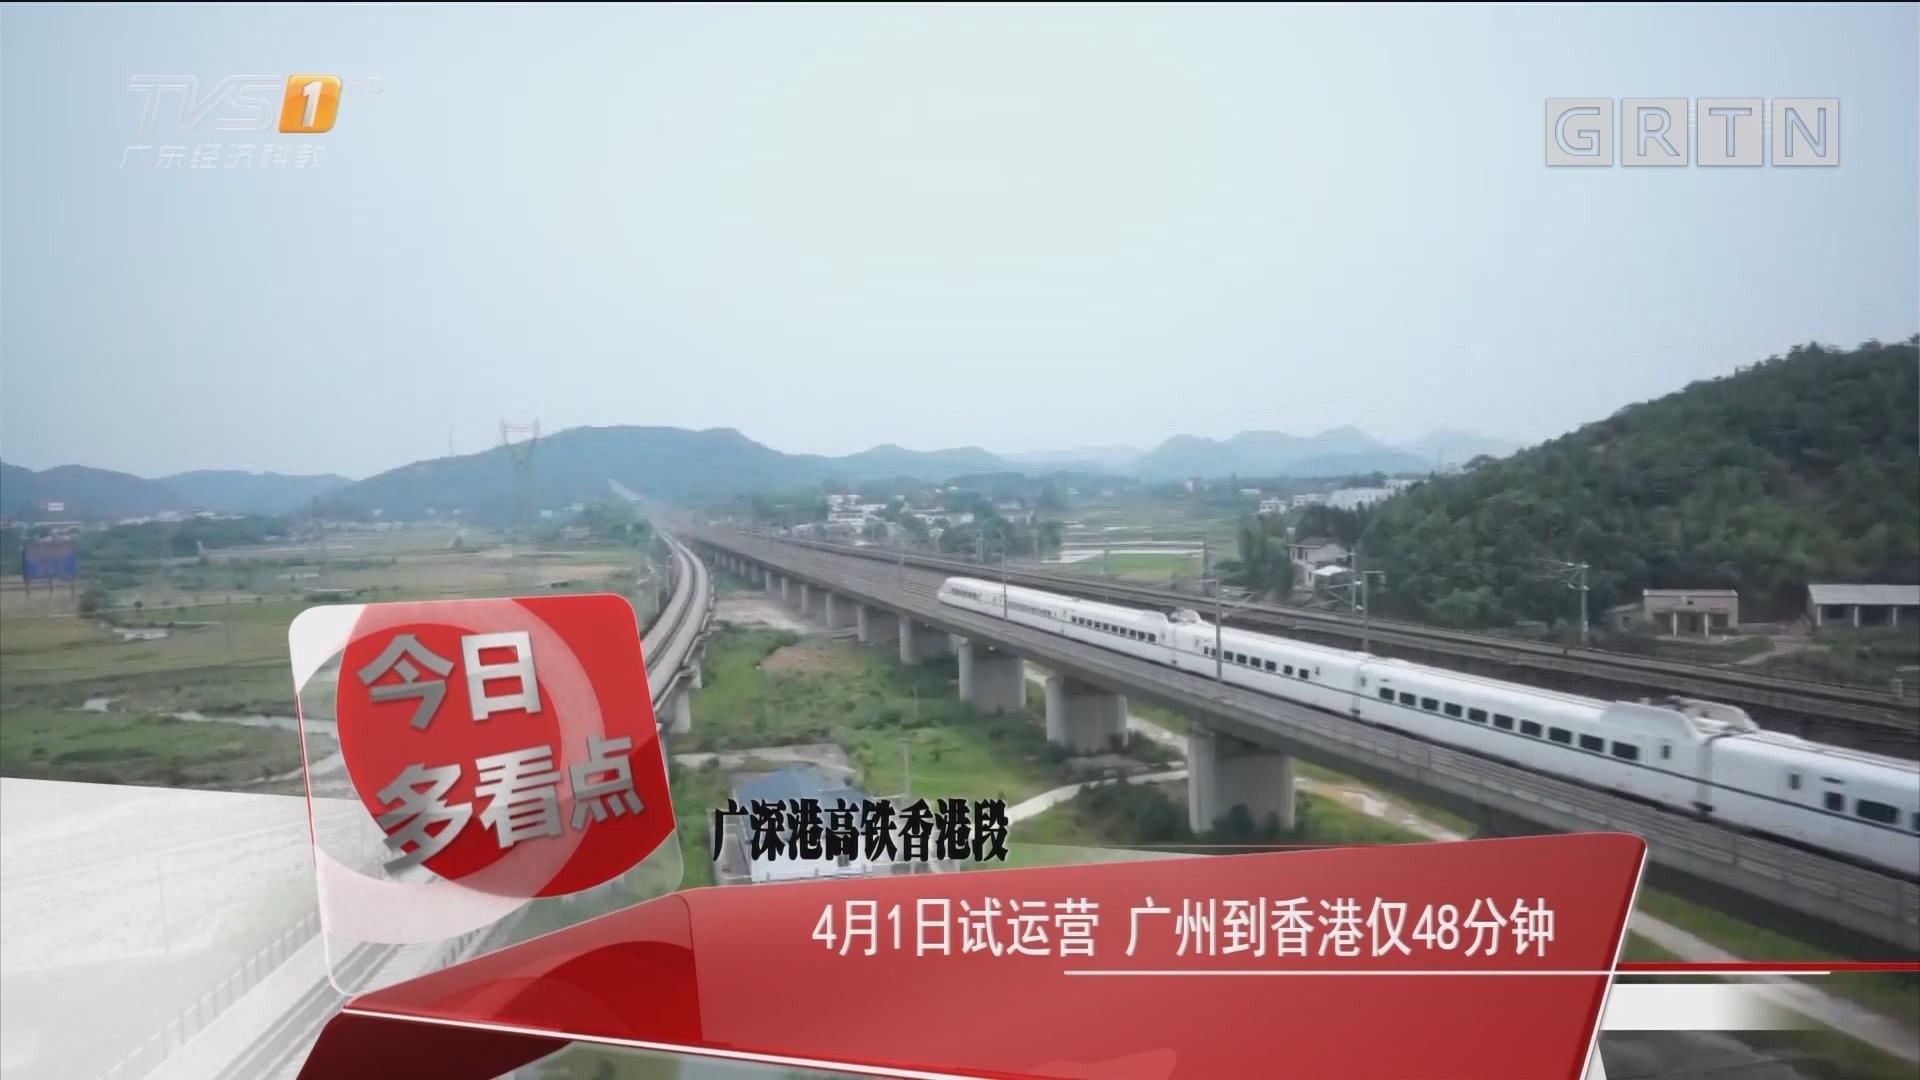 广深港高铁香港段:4月1日试运营 广州到香港仅48分钟